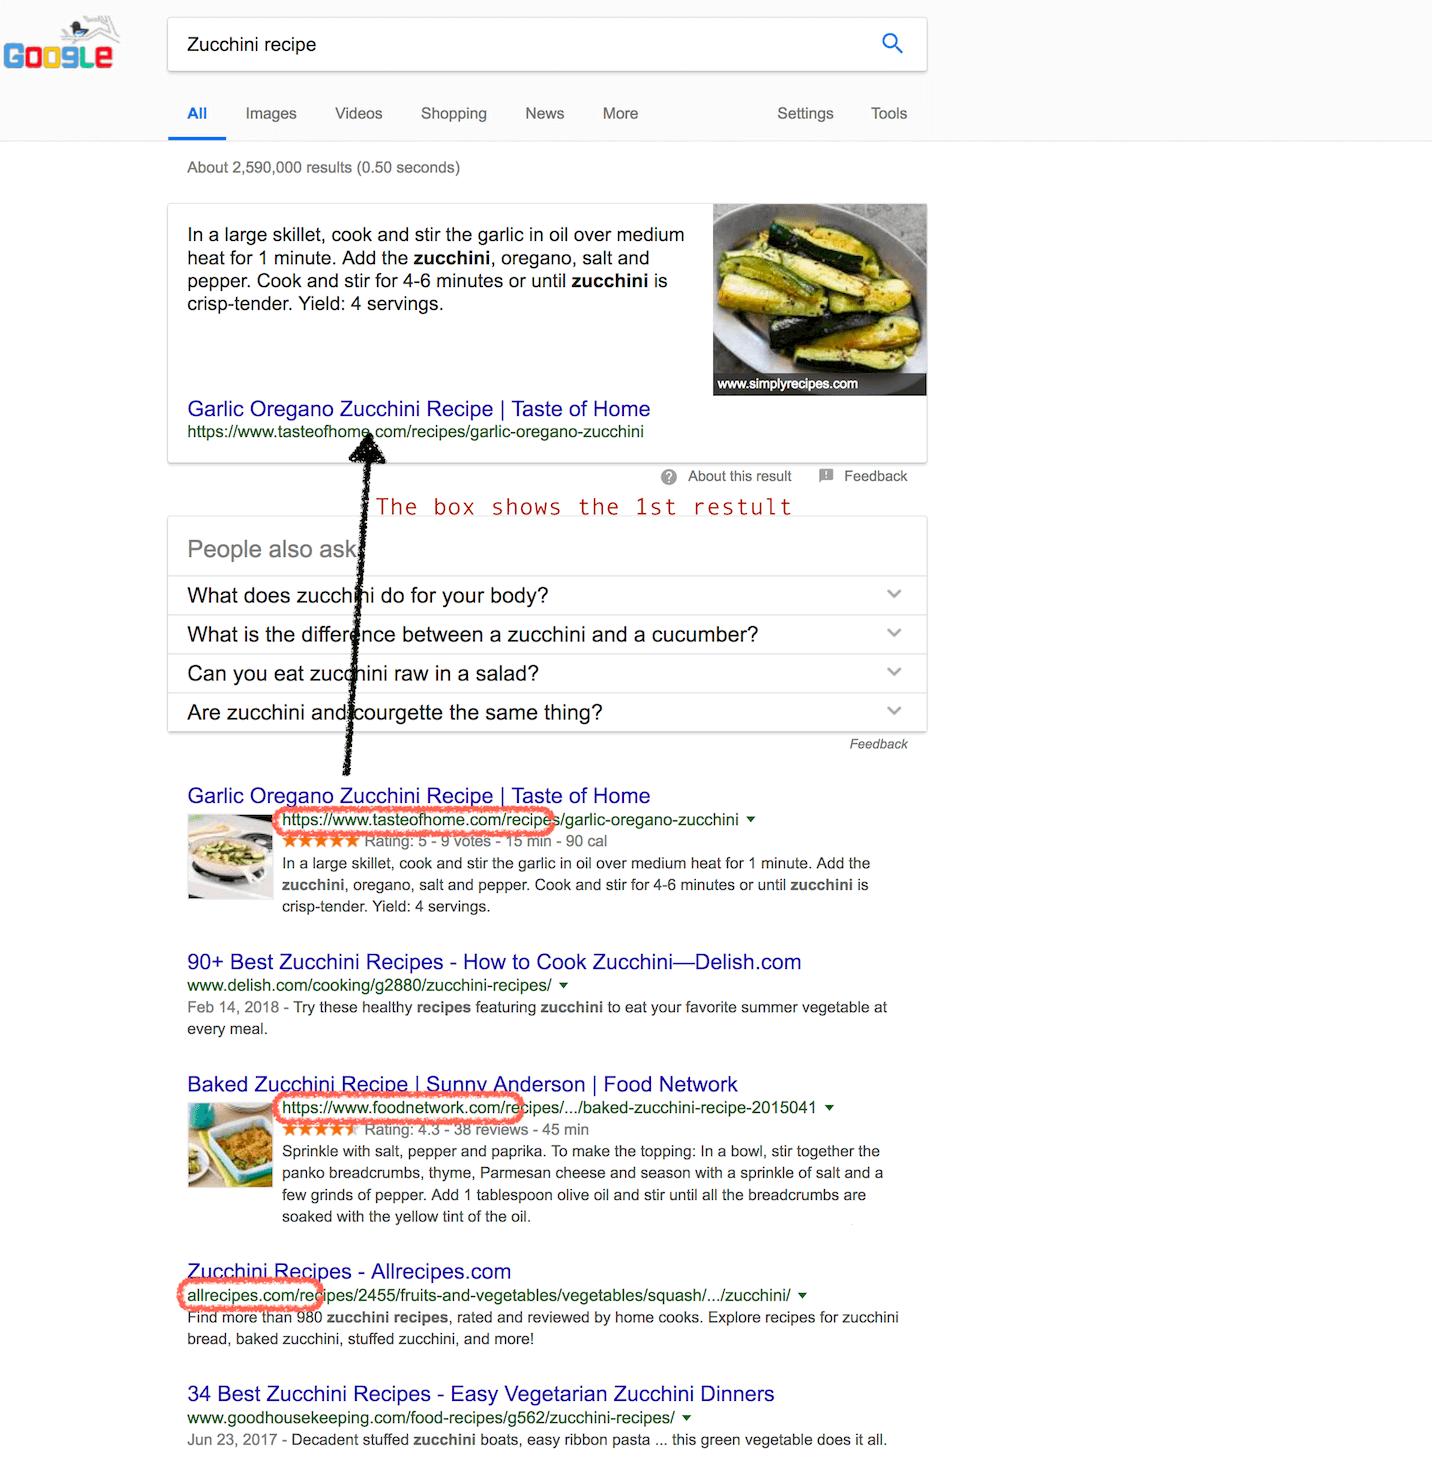 zucchini recipe search results in google